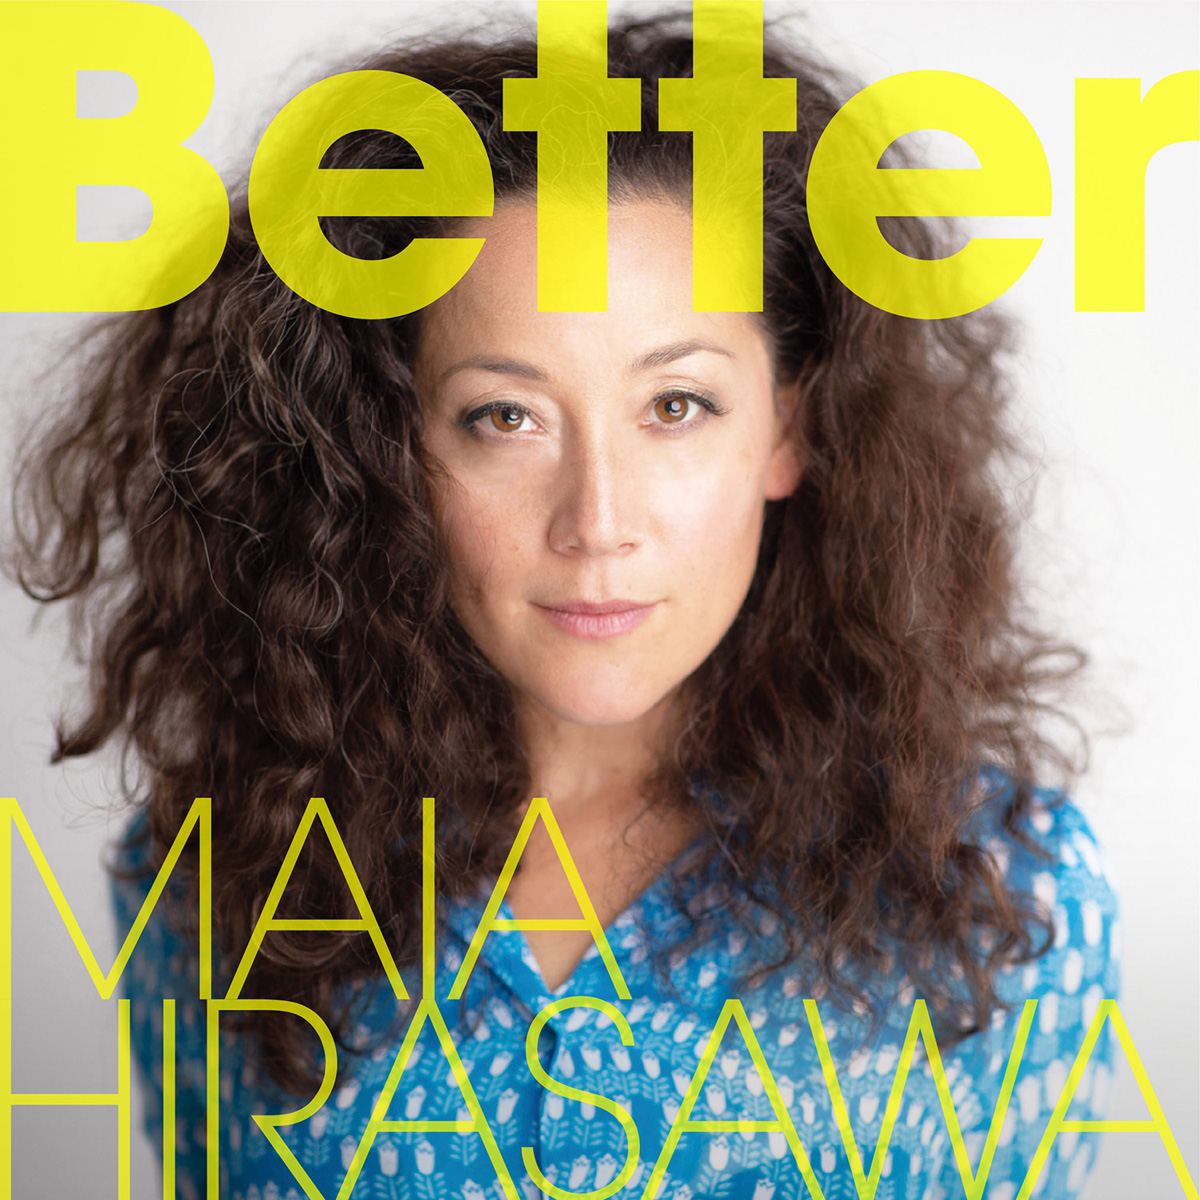 マイア・ヒラサワ、CM曲を含む約3年ぶりの新作を発表&単独来日 ...